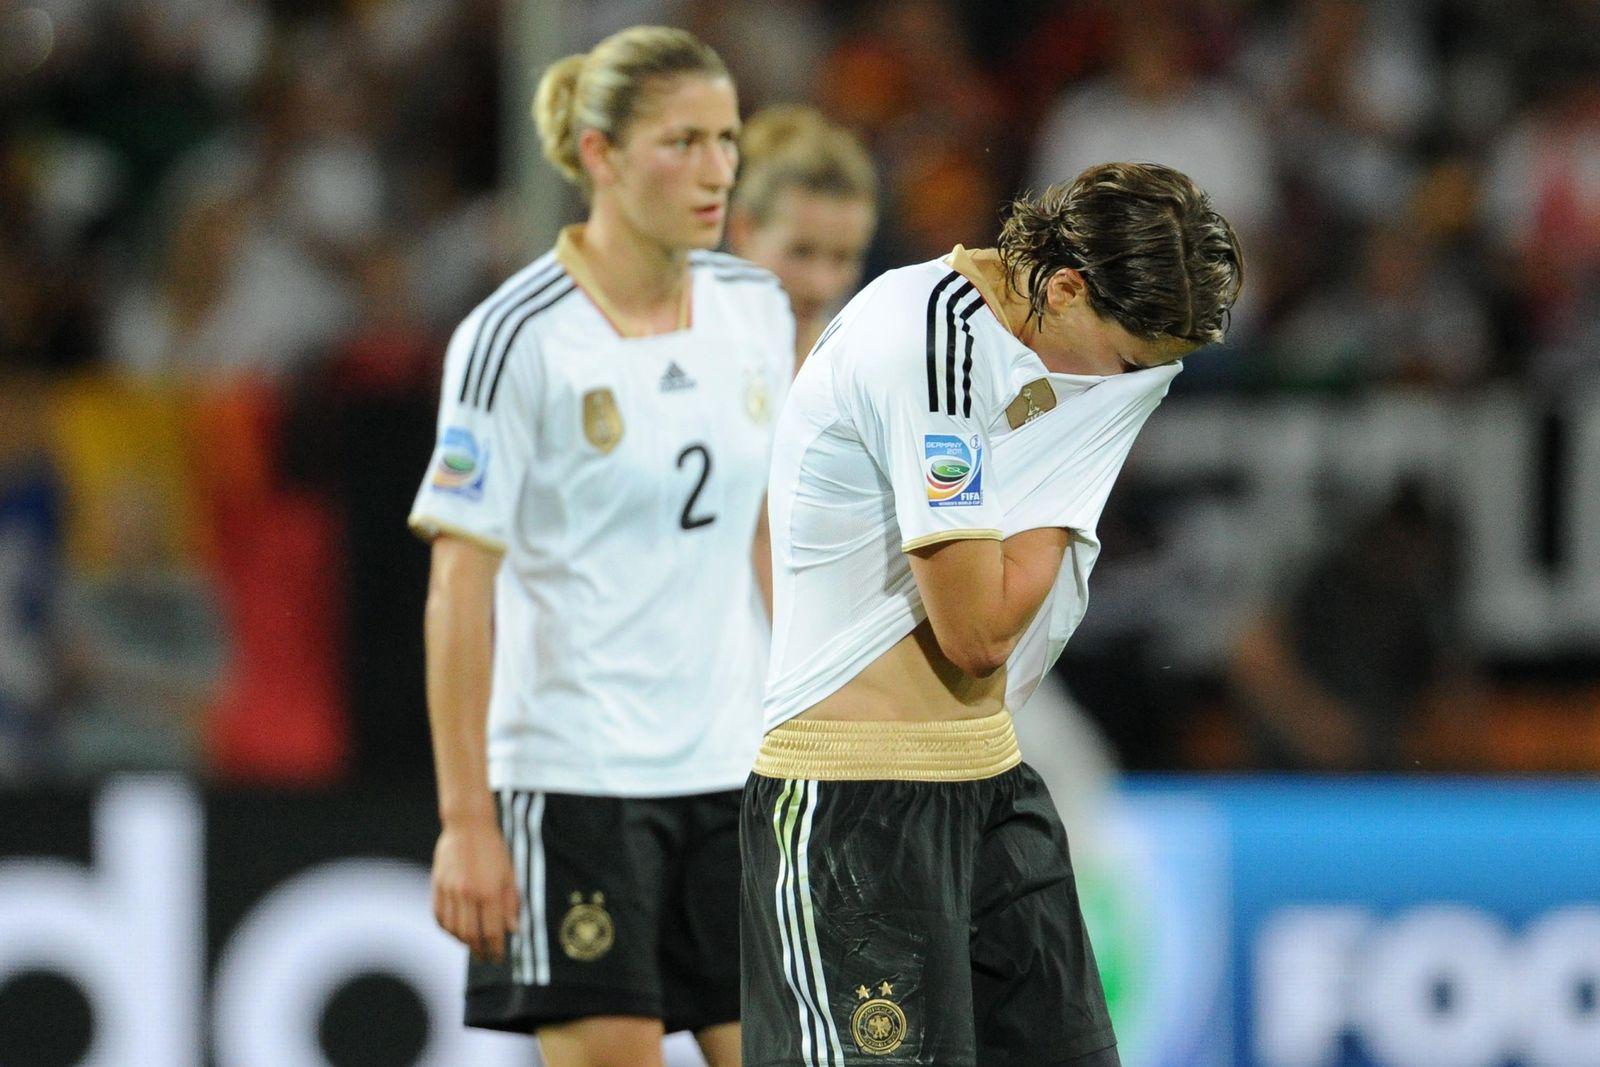 NICHT VERWENDEN Deutschland weint